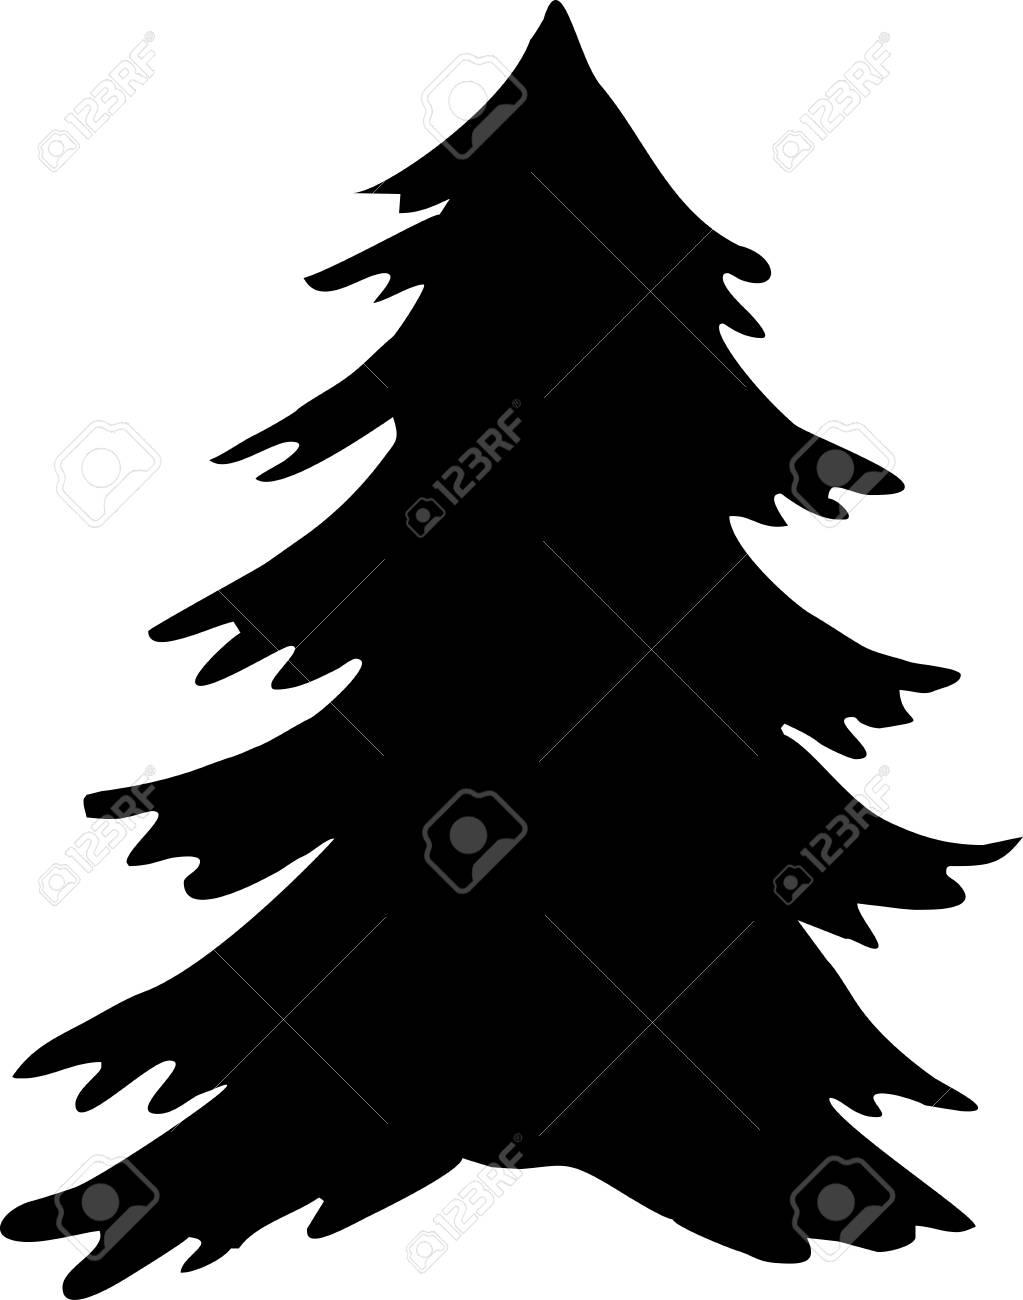 Weihnachtsbaum Schwarz.Stock Photo